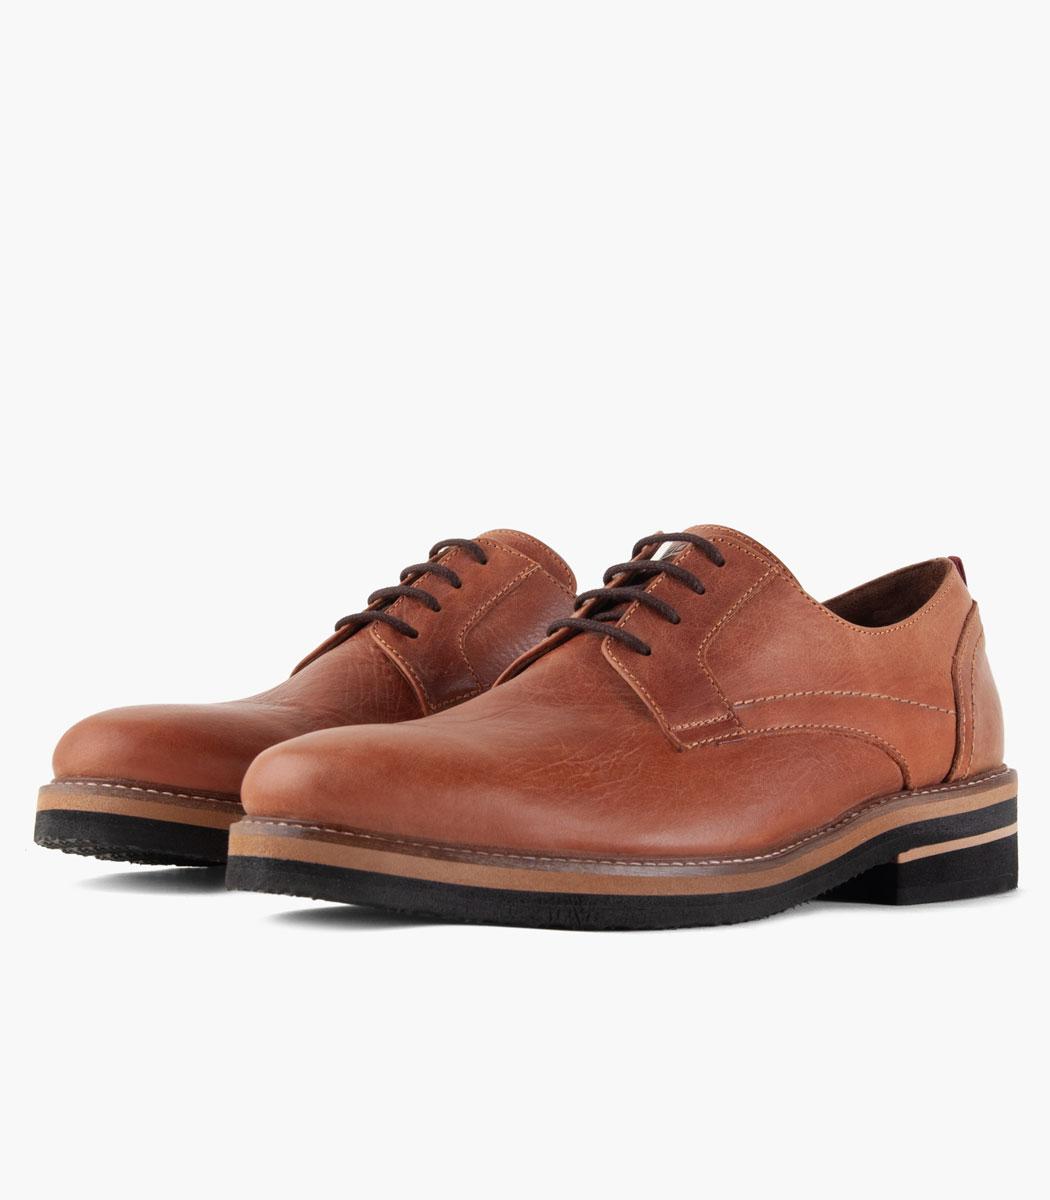 Zapato BOATING COLE Hombre